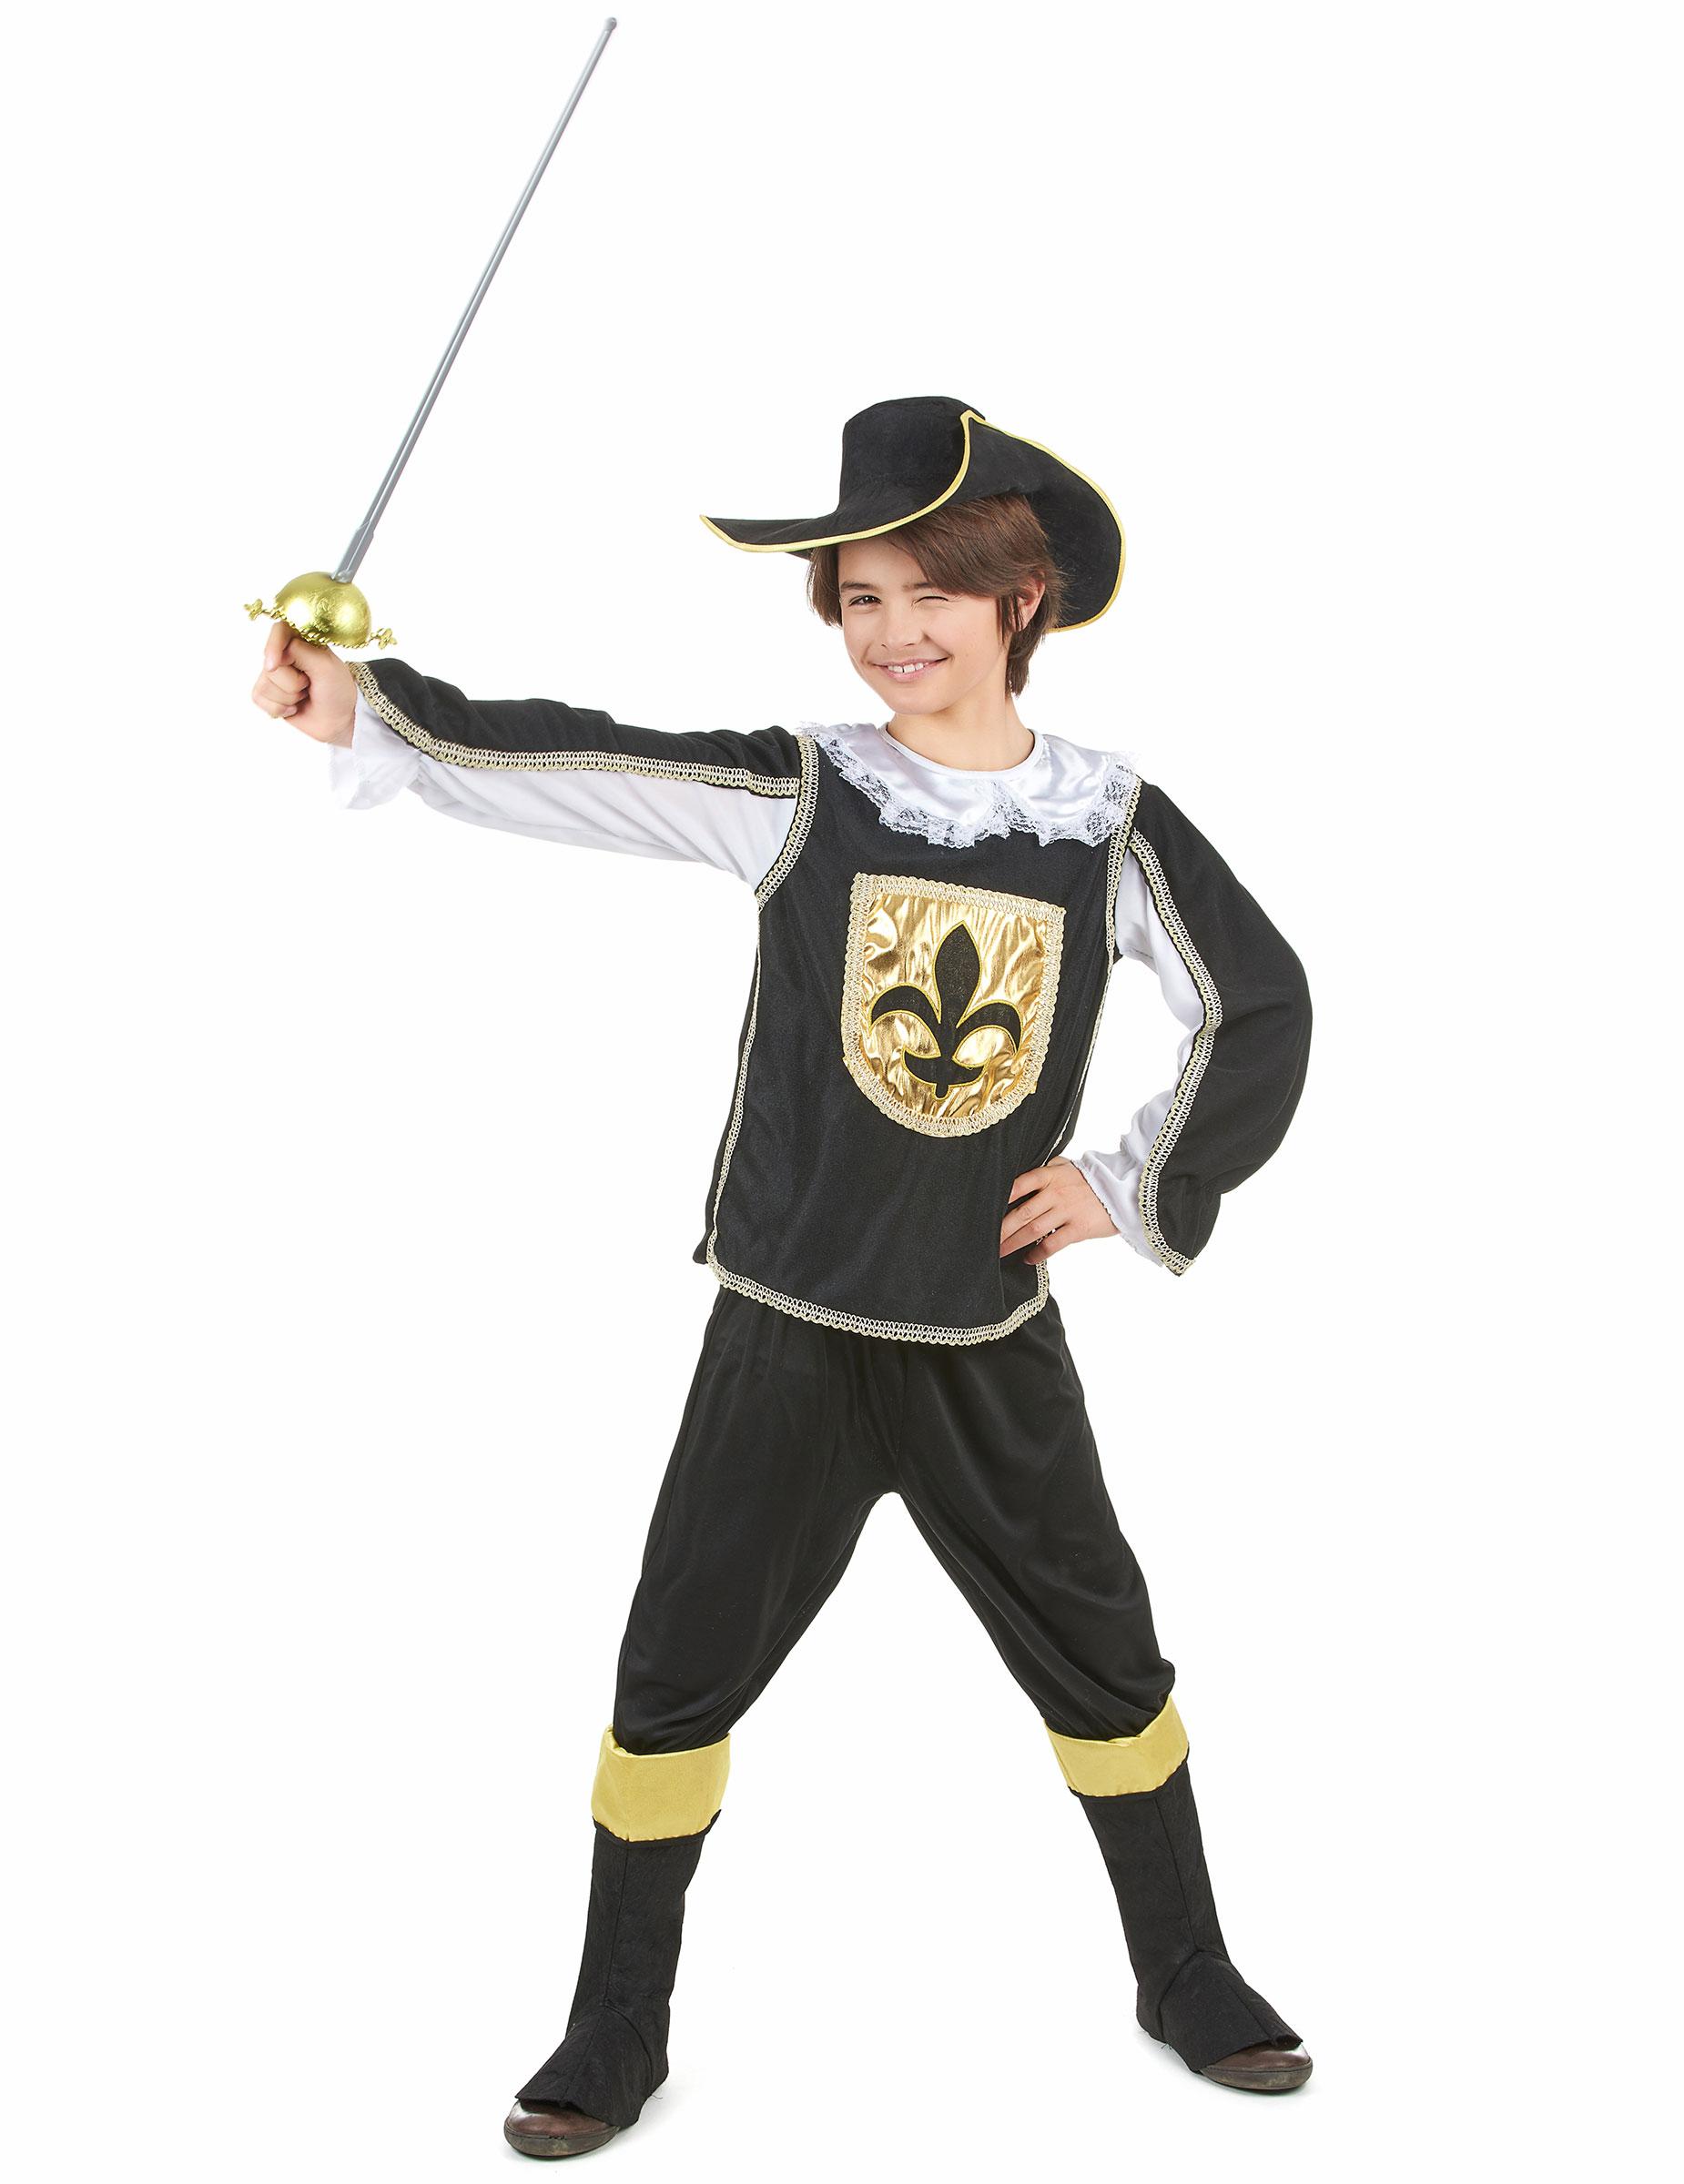 Costume Moschettiere nero oro bambino  Costumi bambini c722ecea861e